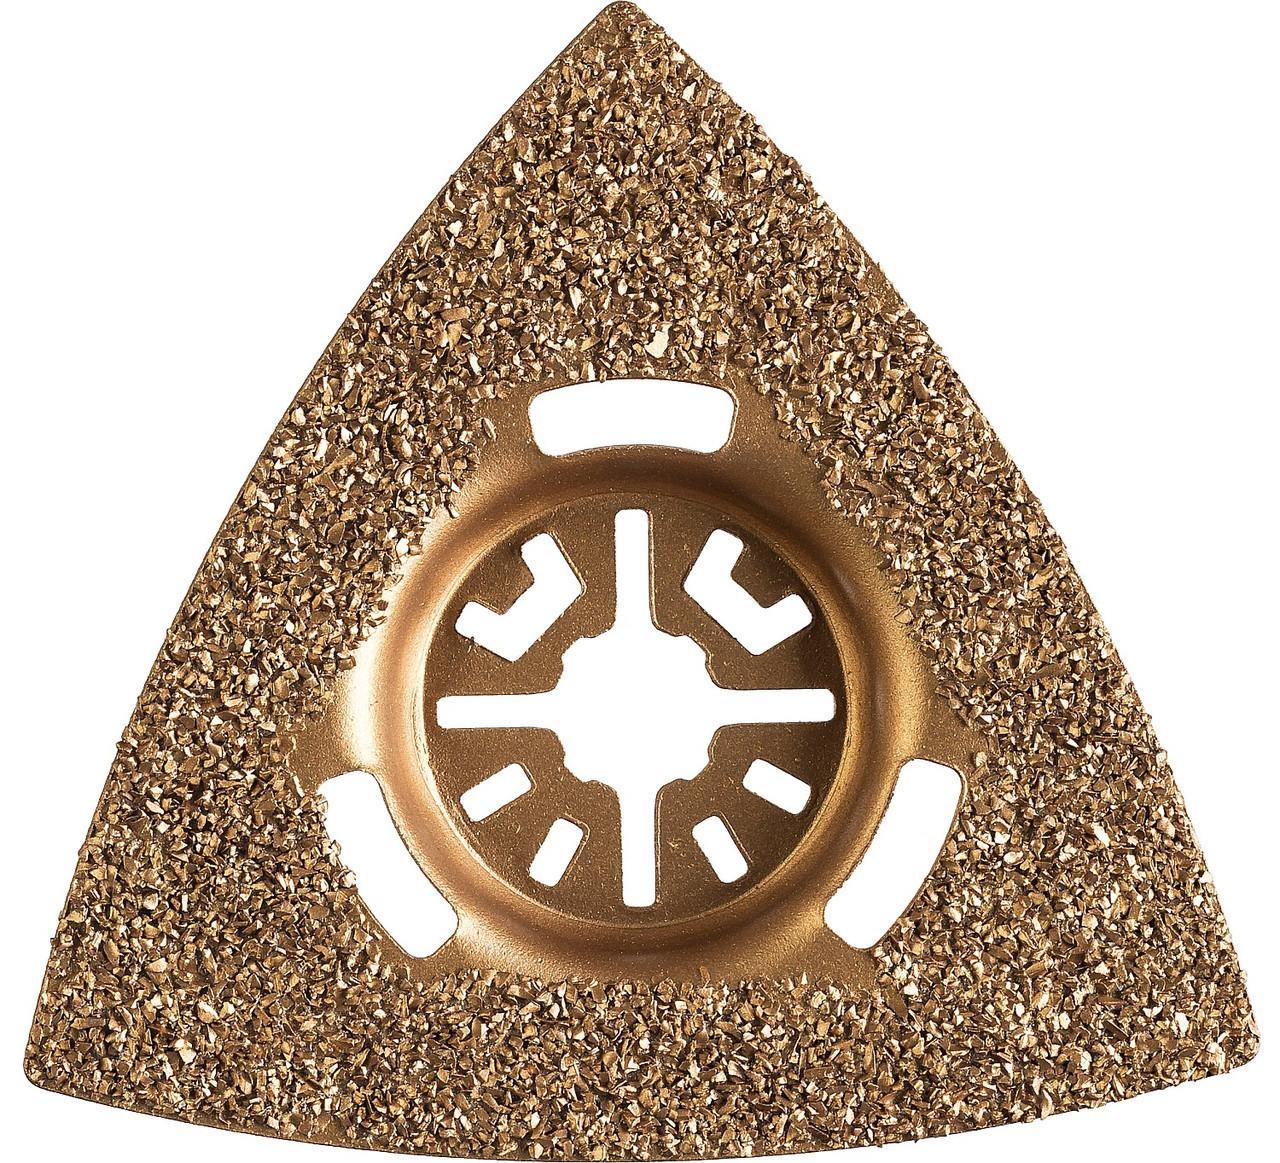 Шлифовальная насадка c карбид-вольфрамовым напылением ШВТ-80, ЗУБР, сторона 80 мм, треугольная (15563-80)